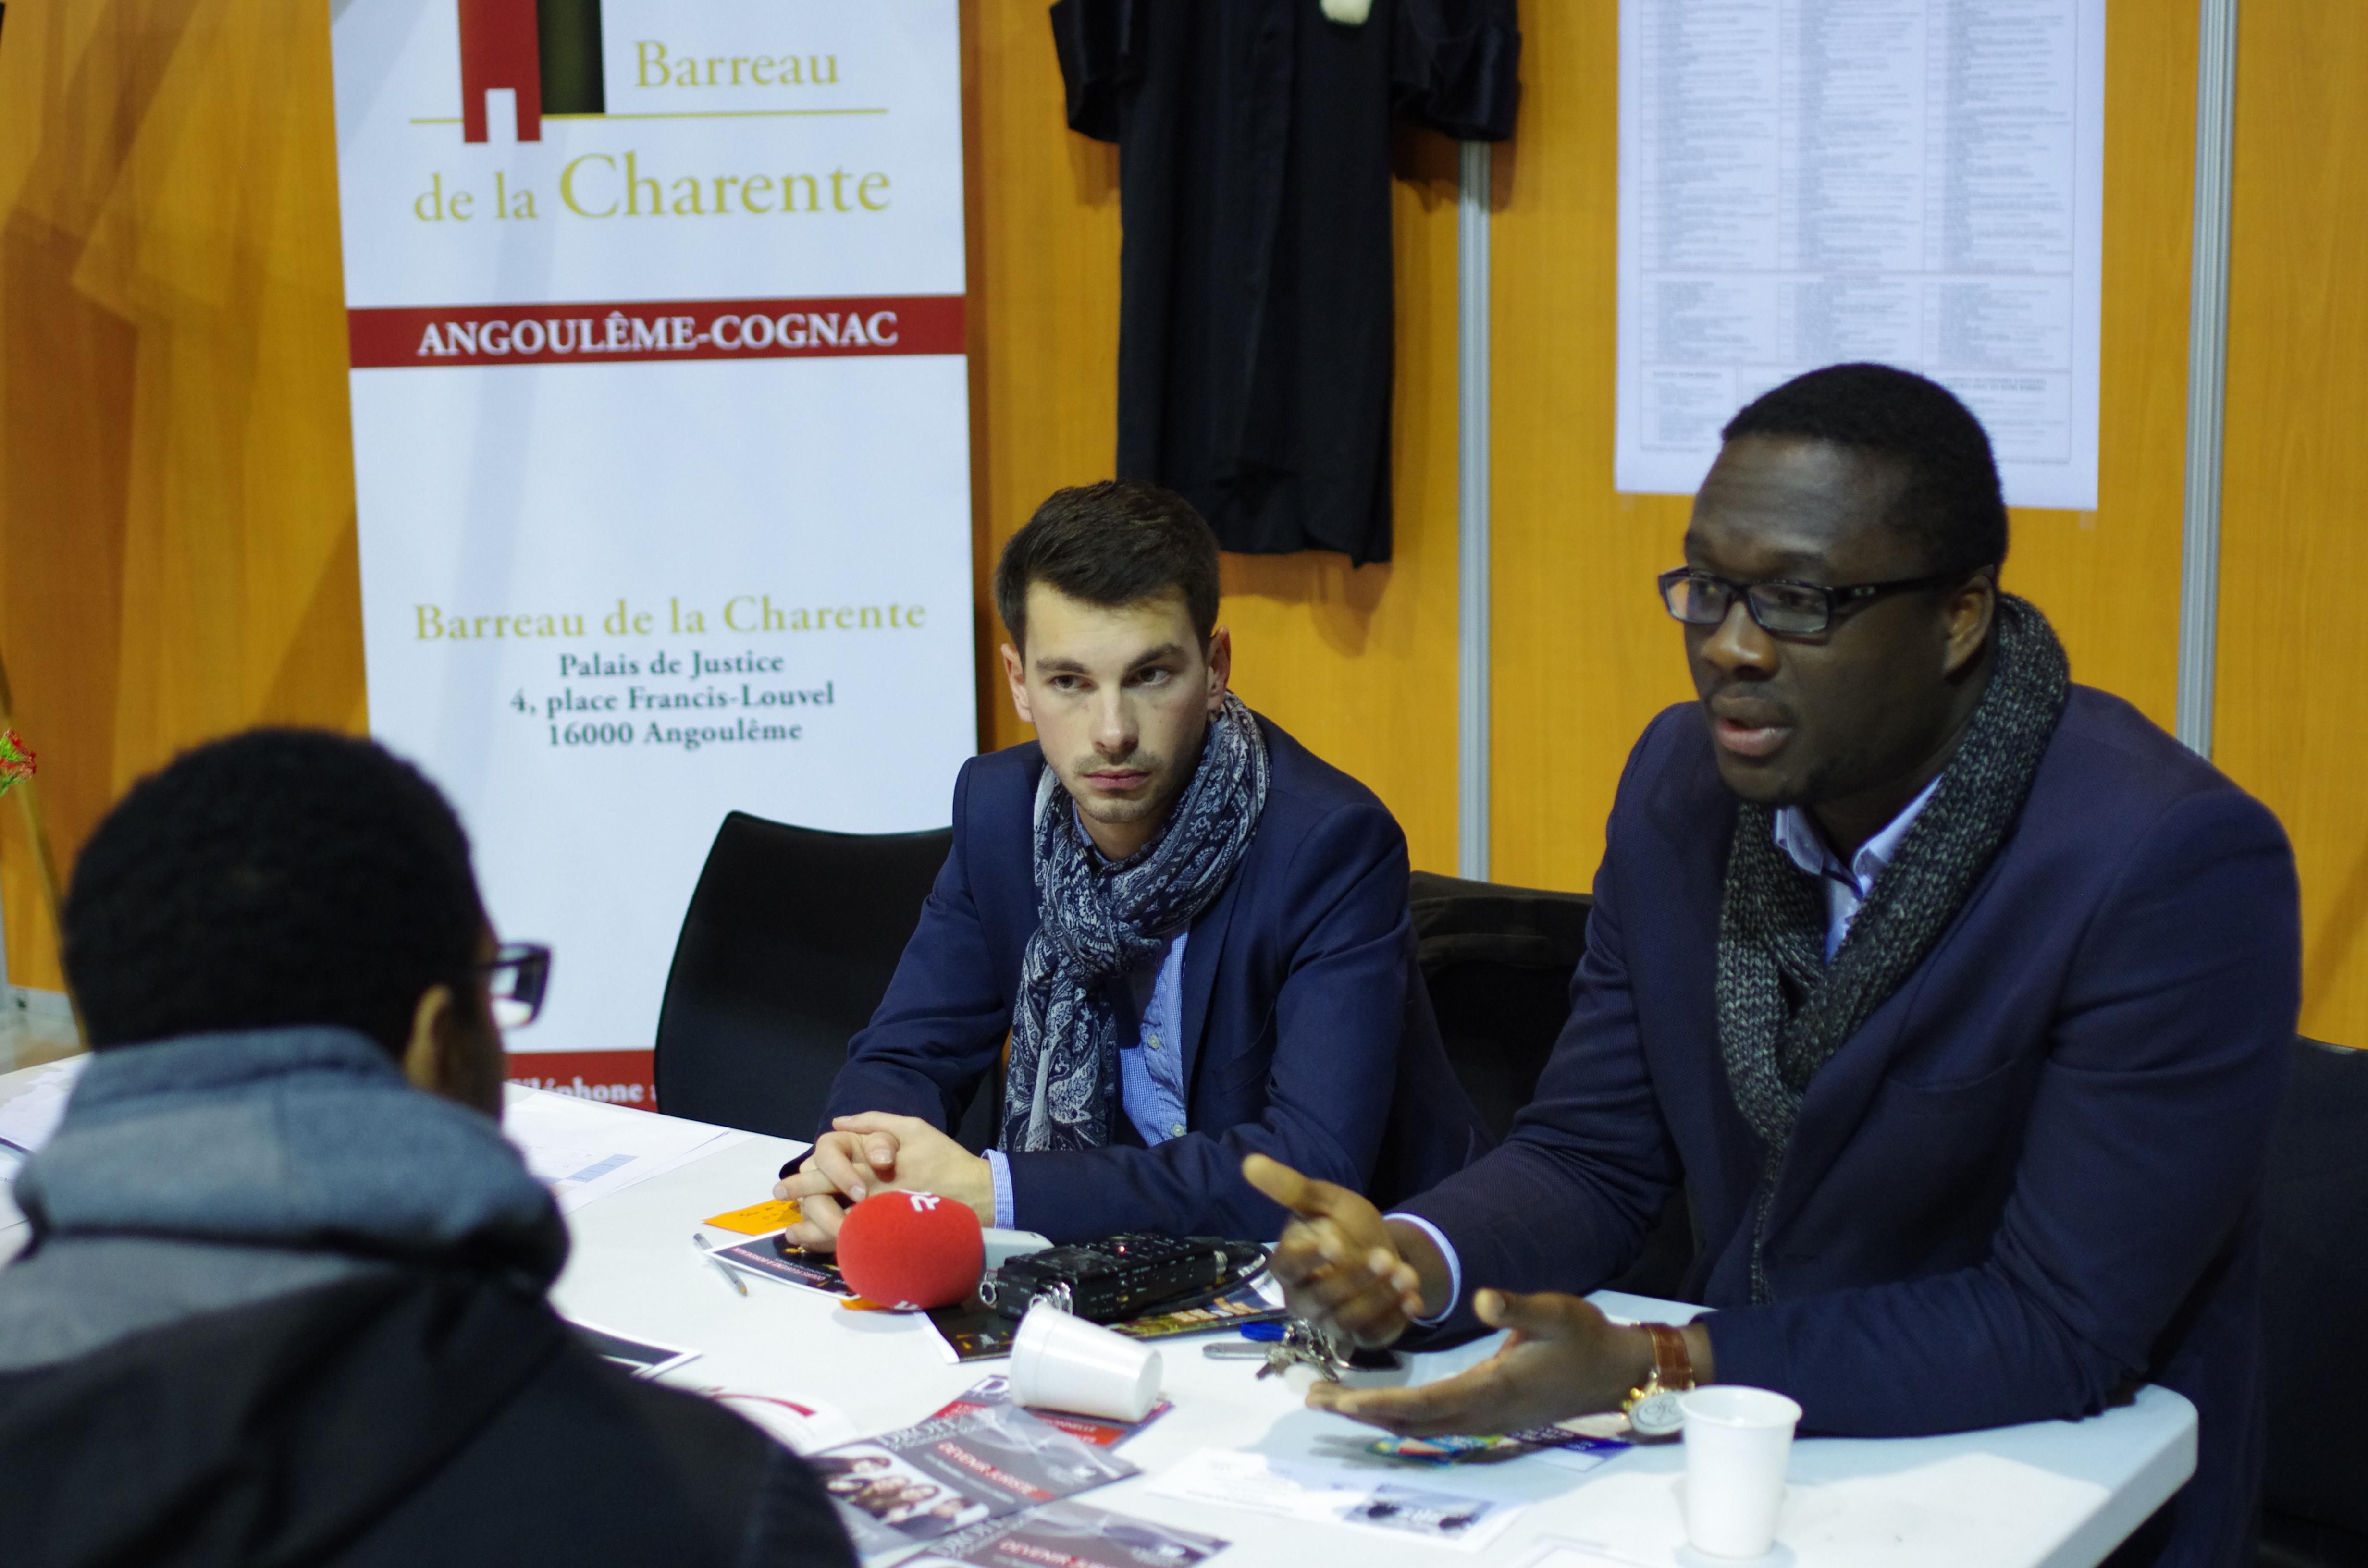 Les avocat du barreau de la Charente présents au FOFE à Angoulême